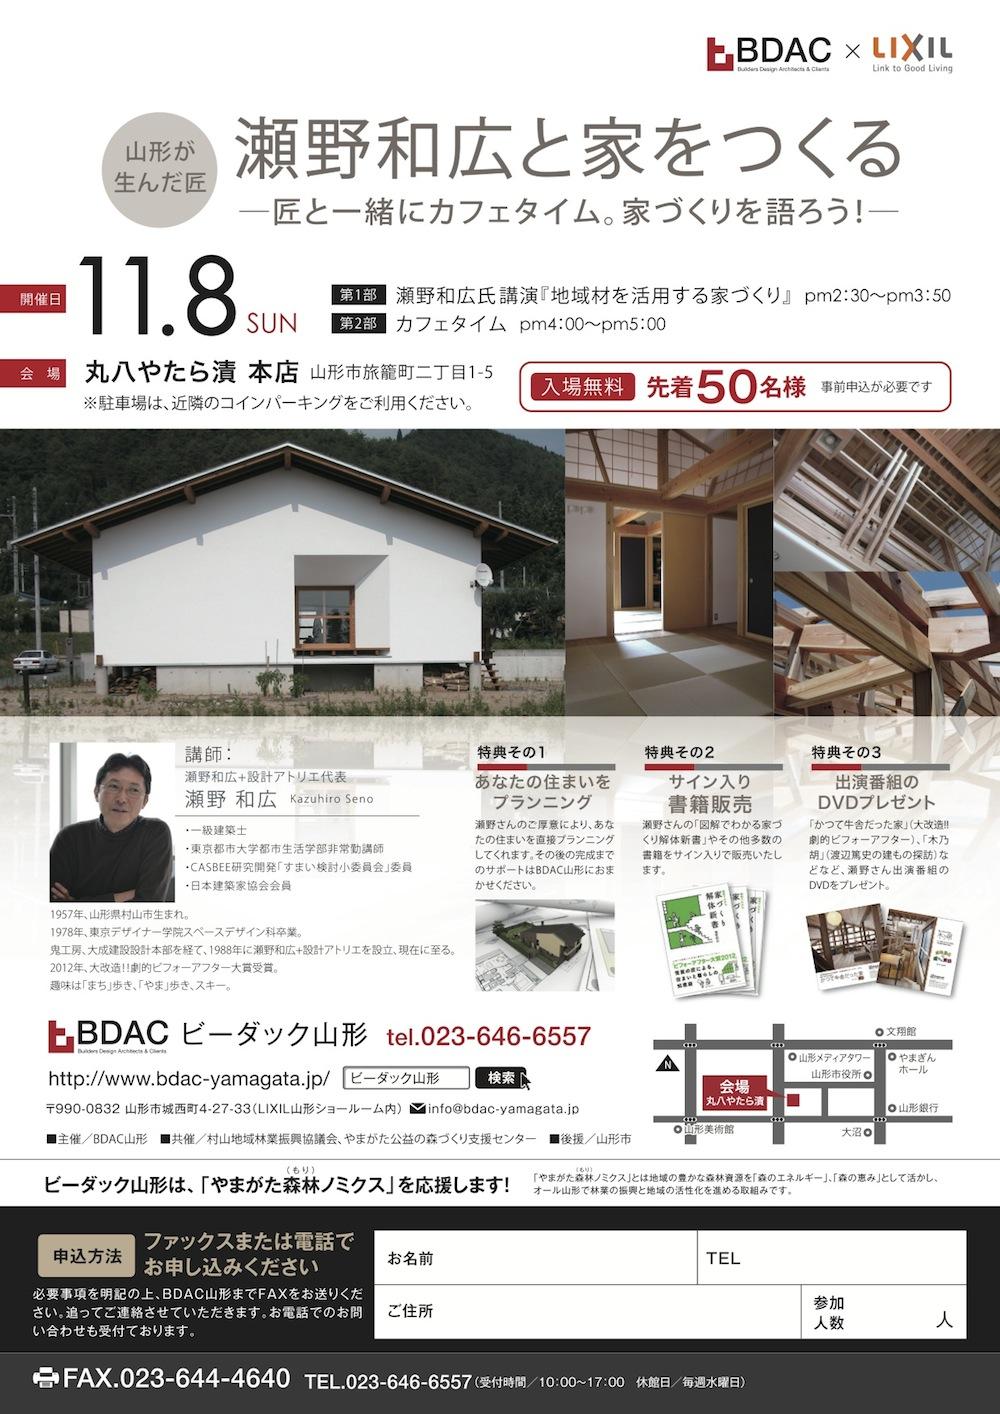 瀬野和広と家をつくる −匠と一緒にカフェタイム。家づくりを語ろう!−:画像